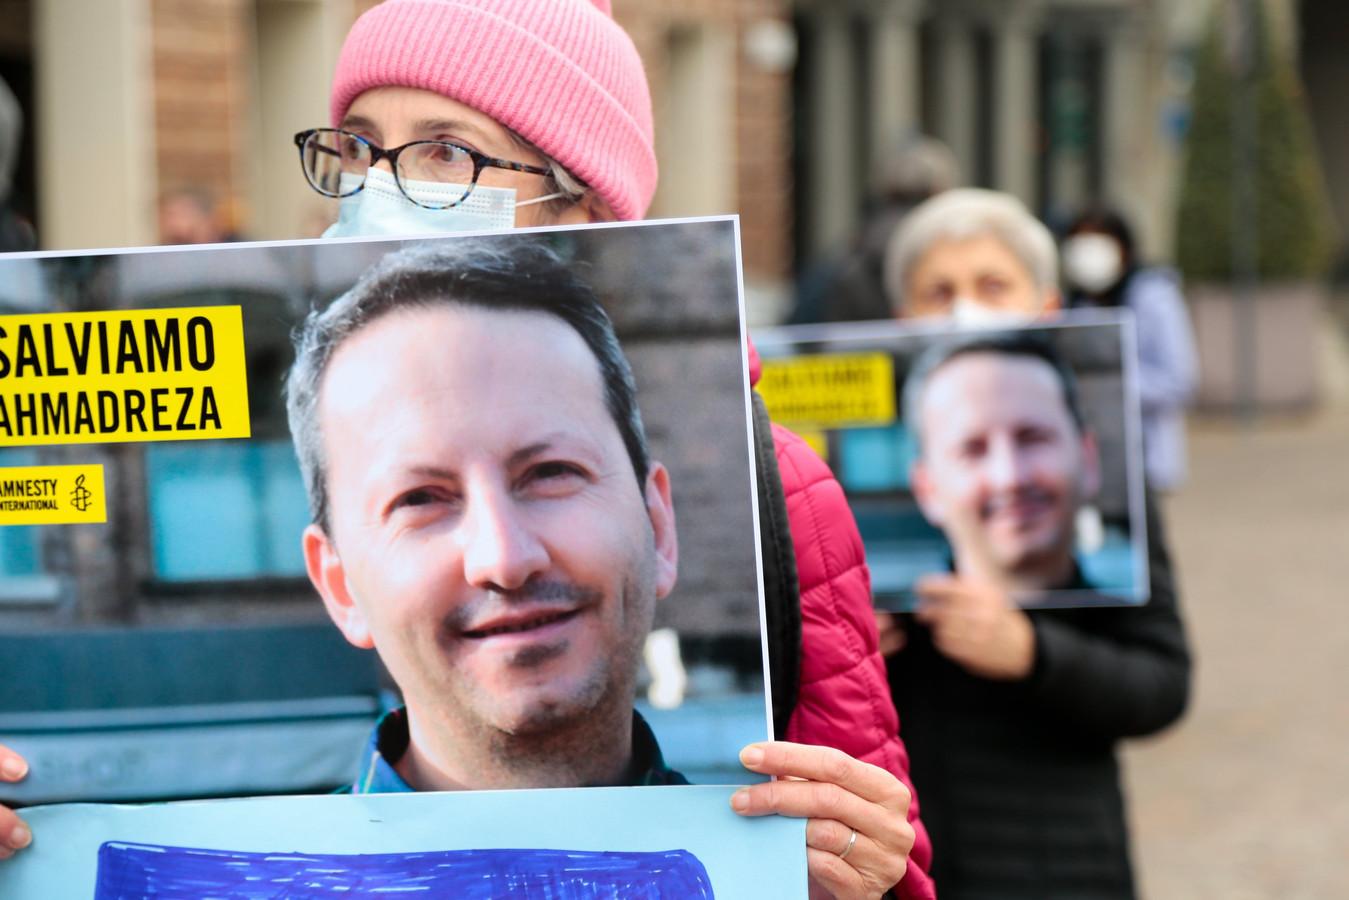 Manifestation pour la libération d'Ahmadreza Djalali à Turin, le 30 novembre dernier.